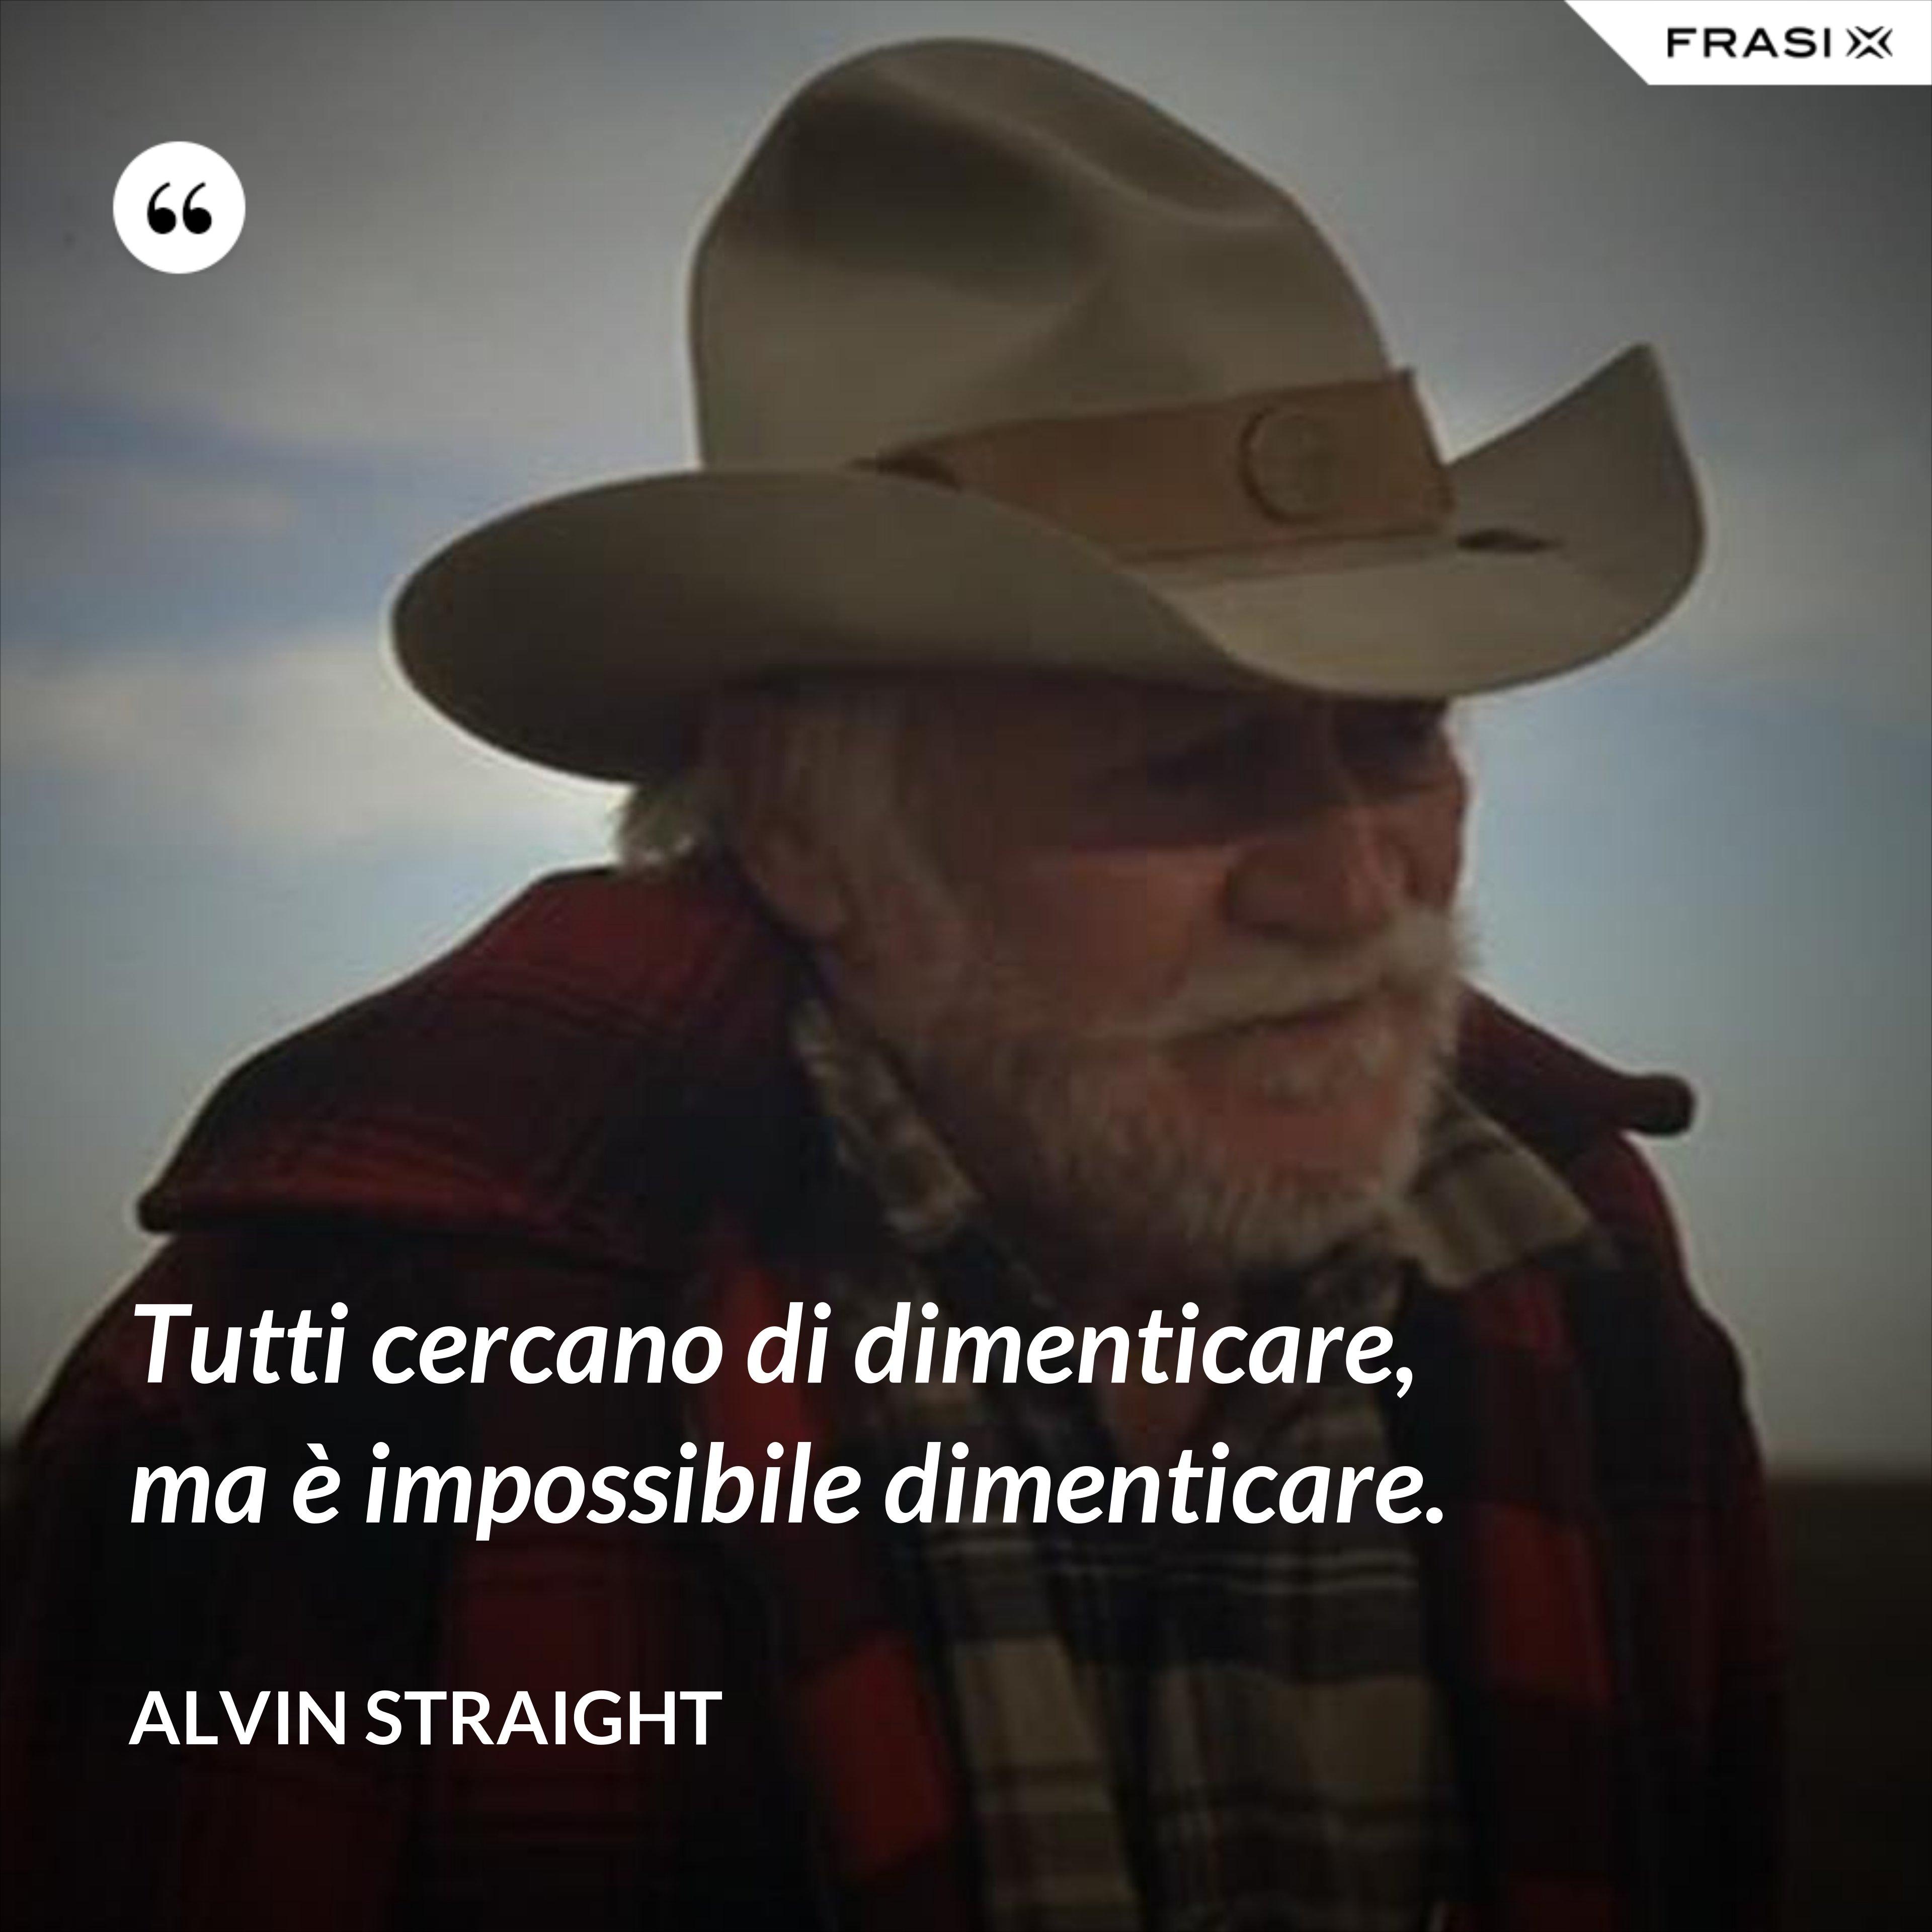 Tutti cercano di dimenticare, ma è impossibile dimenticare. - Alvin Straight